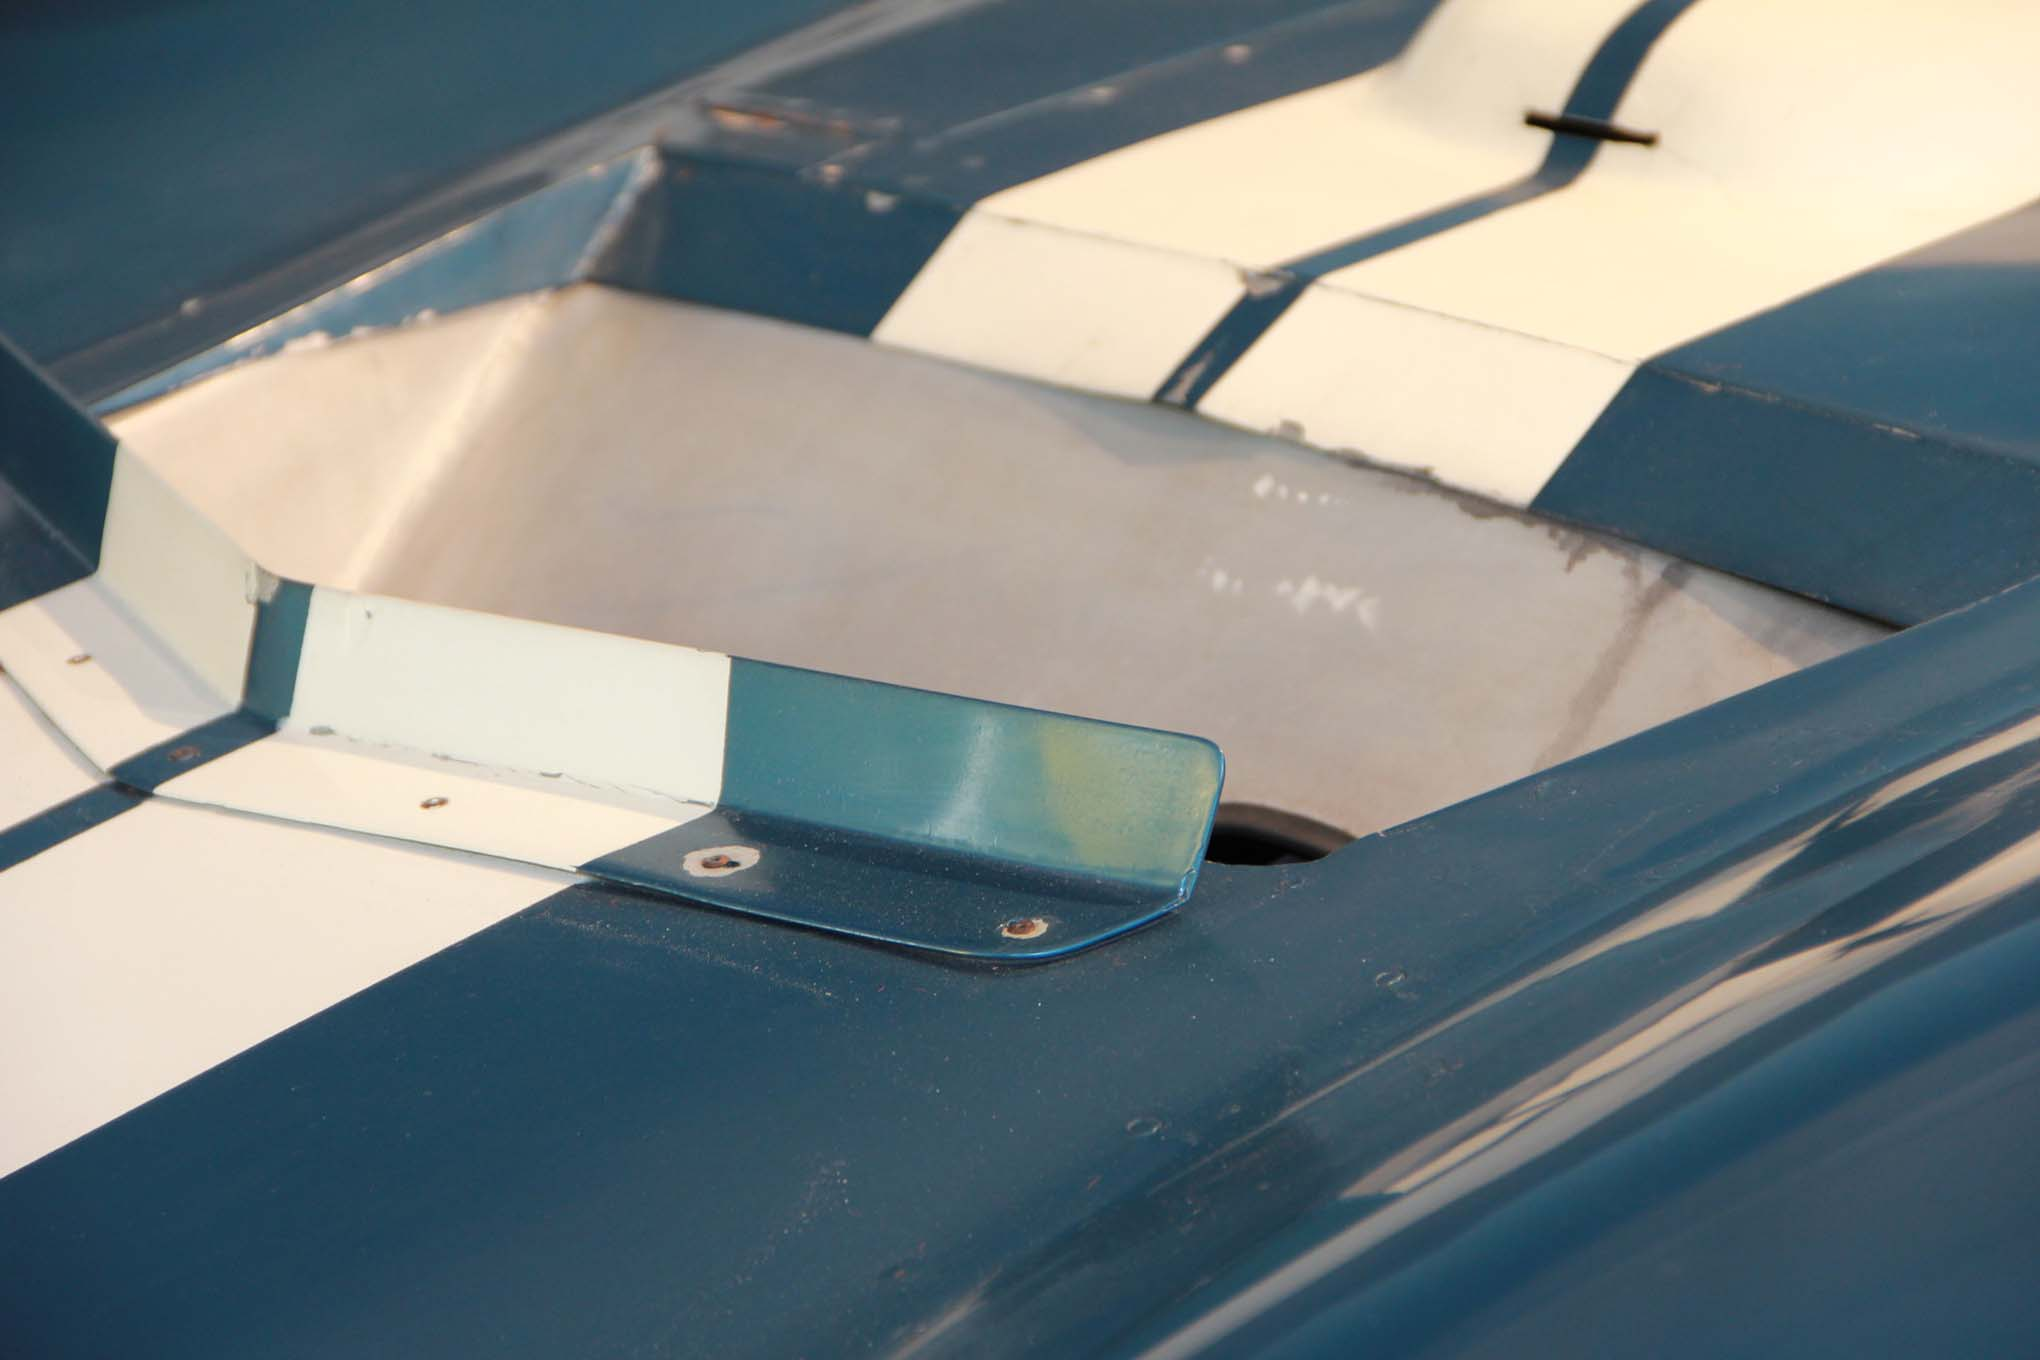 015 Shelby Daytona Coupe Lpr